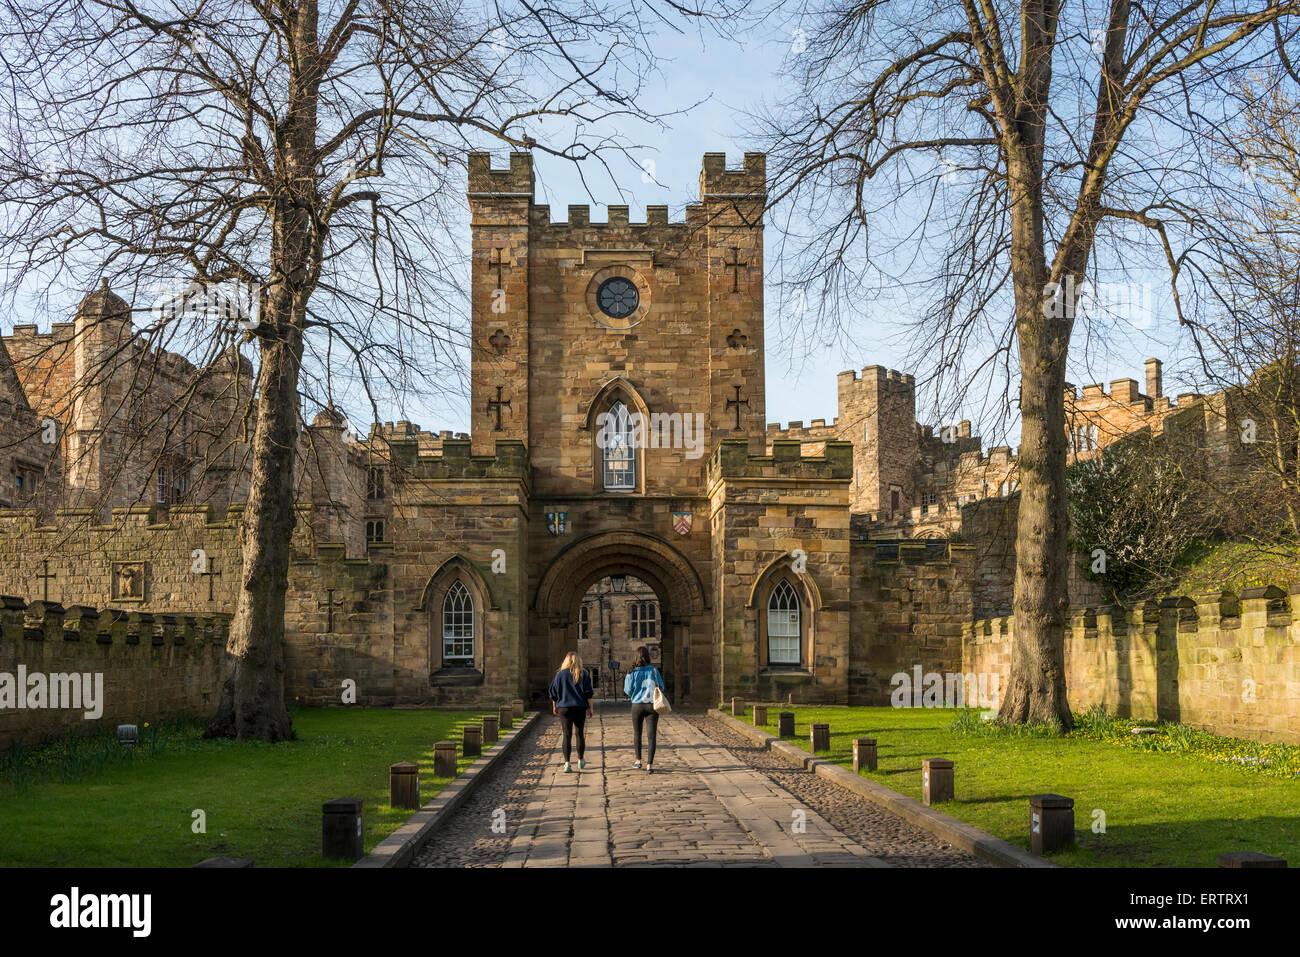 Durham Castle, now Durham University student accommodation, County Durham, England, UK - Stock Image